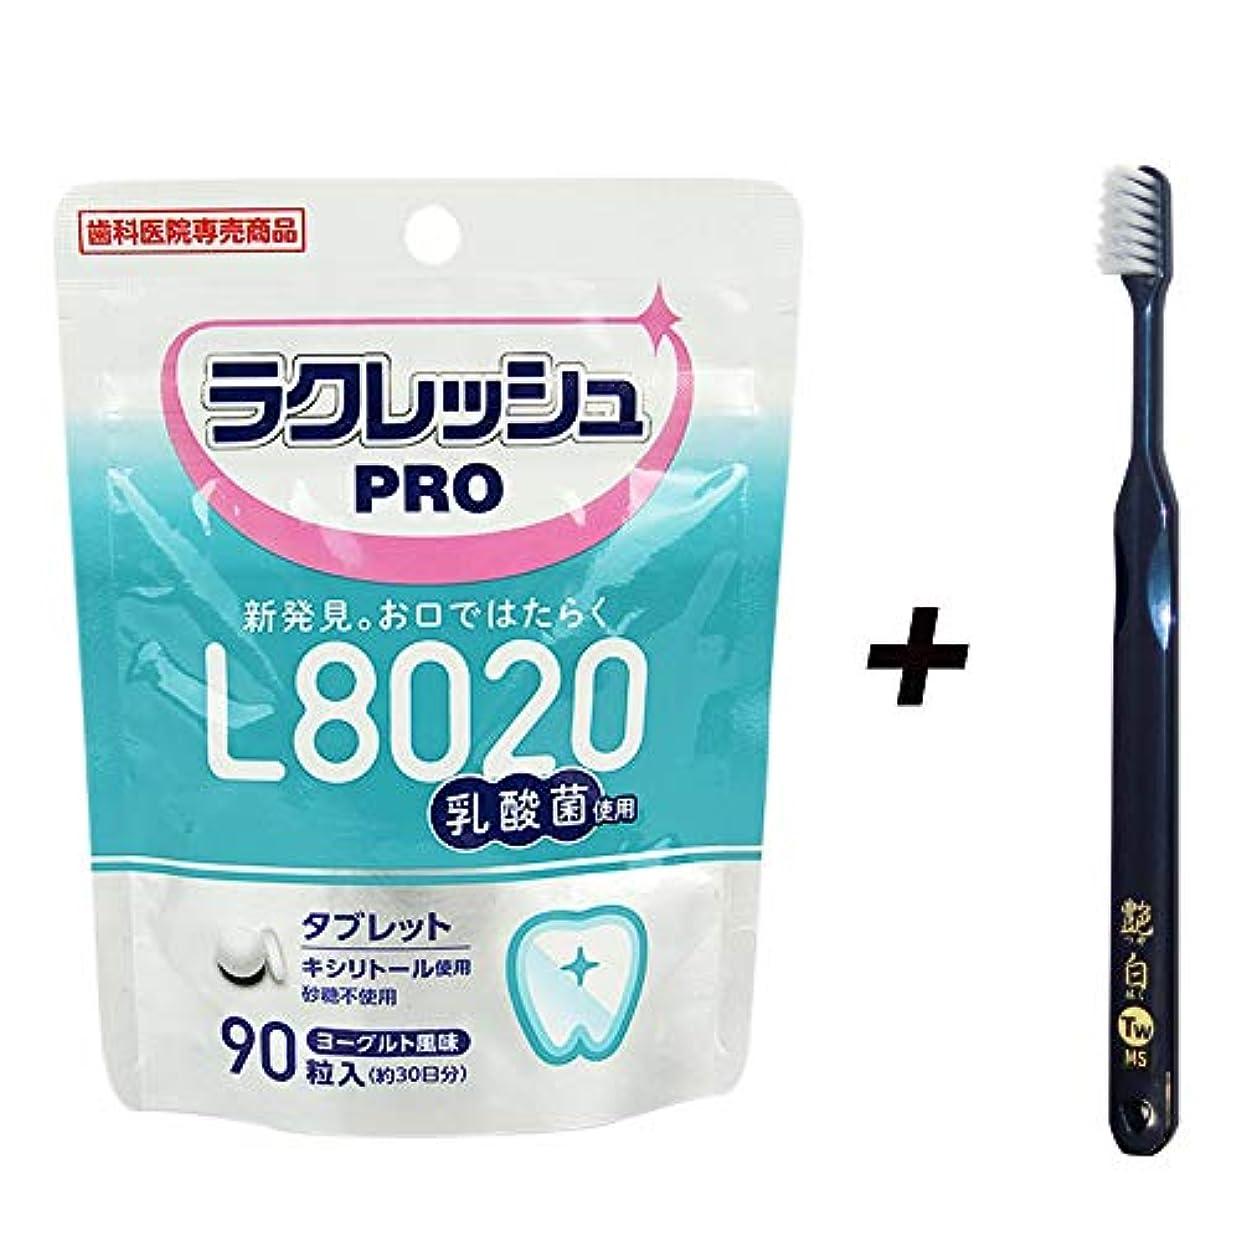 精神的に扱う味付けL8020 乳酸菌 ラクレッシュ PRO タブレット 90粒×1袋 + 日本製歯ブラシ 艶白(つやはく)ツイン ハブラシ 1本 MS(やややわらかめ) 歯科医院取扱品